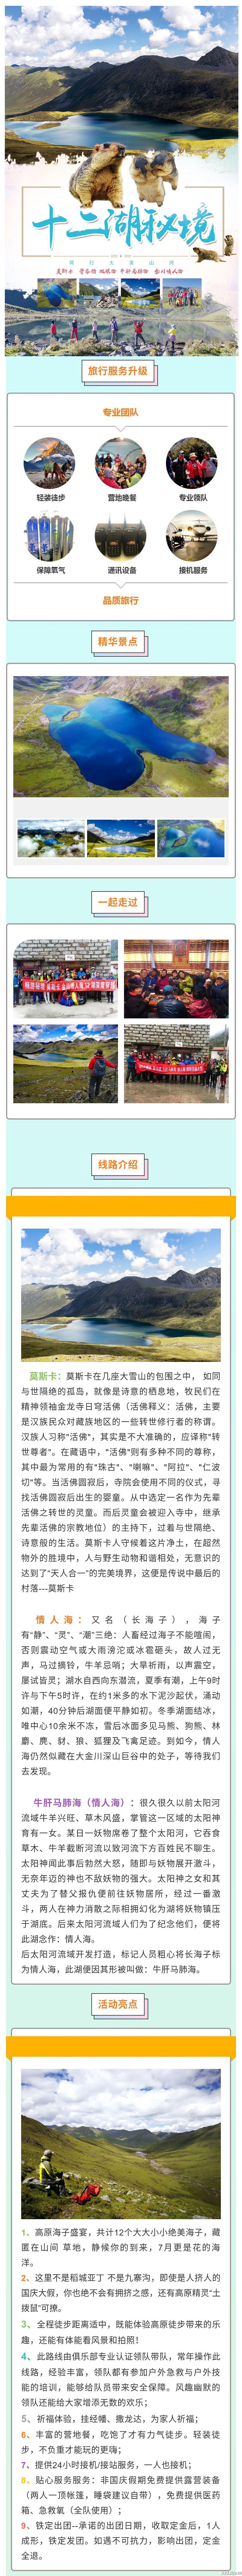 十二湖.jpg